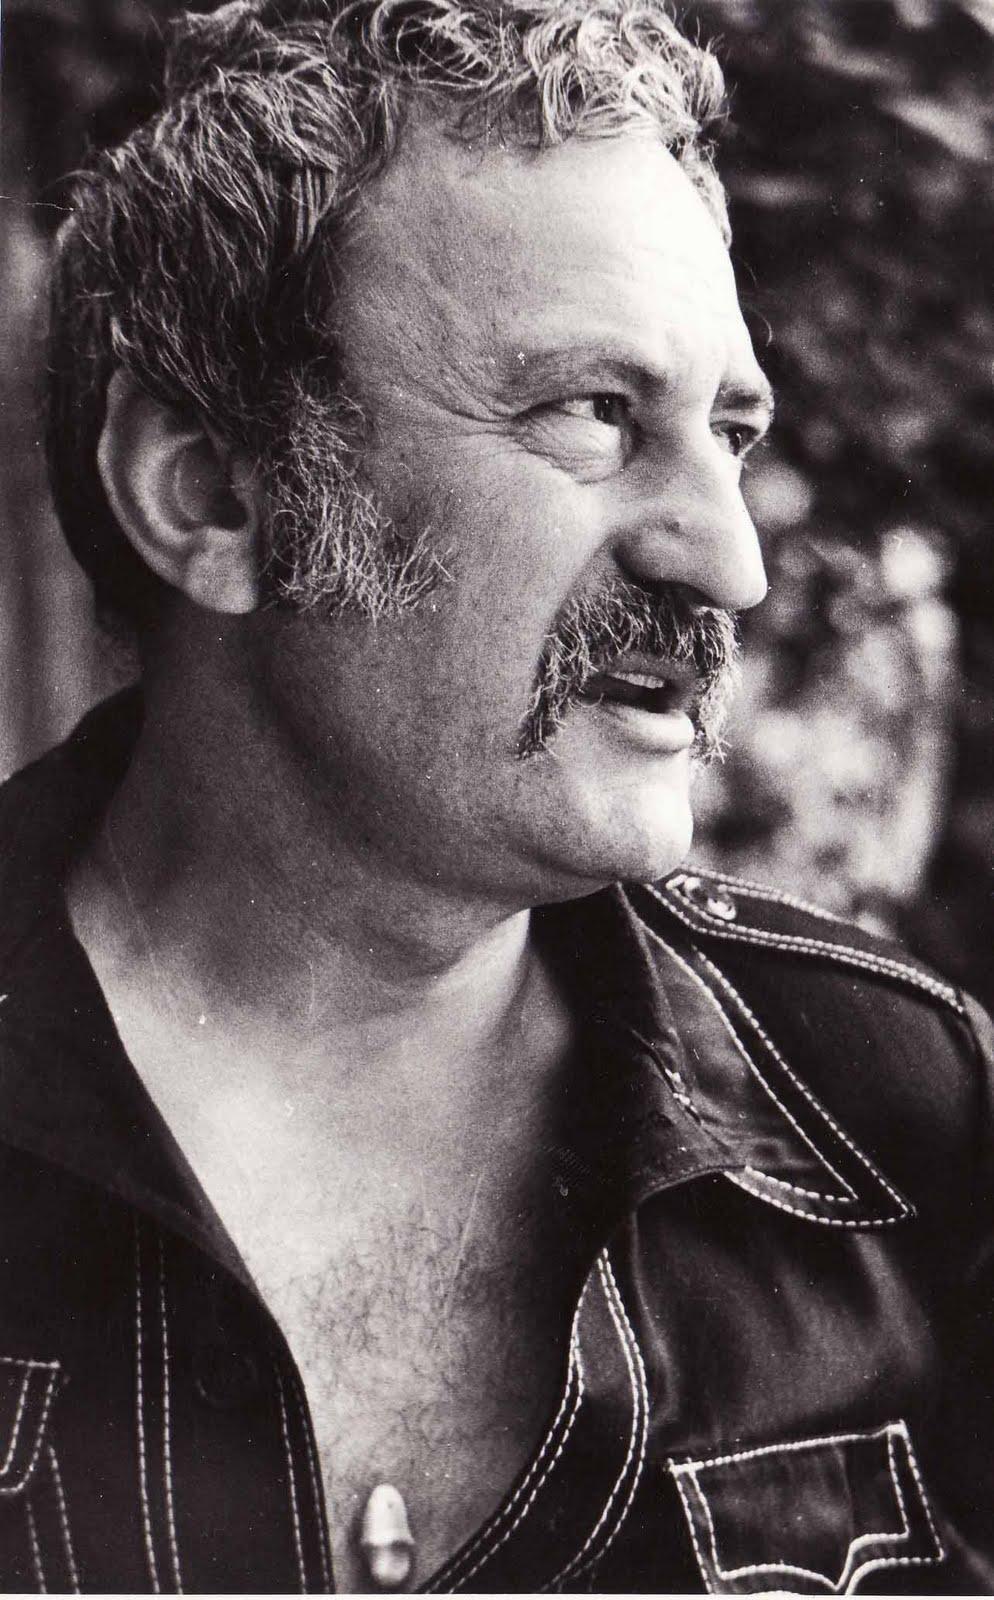 Poze Amza Pellea - Actor - Poza 12 din 31 - CineMagia.ro  |Amza Pellea